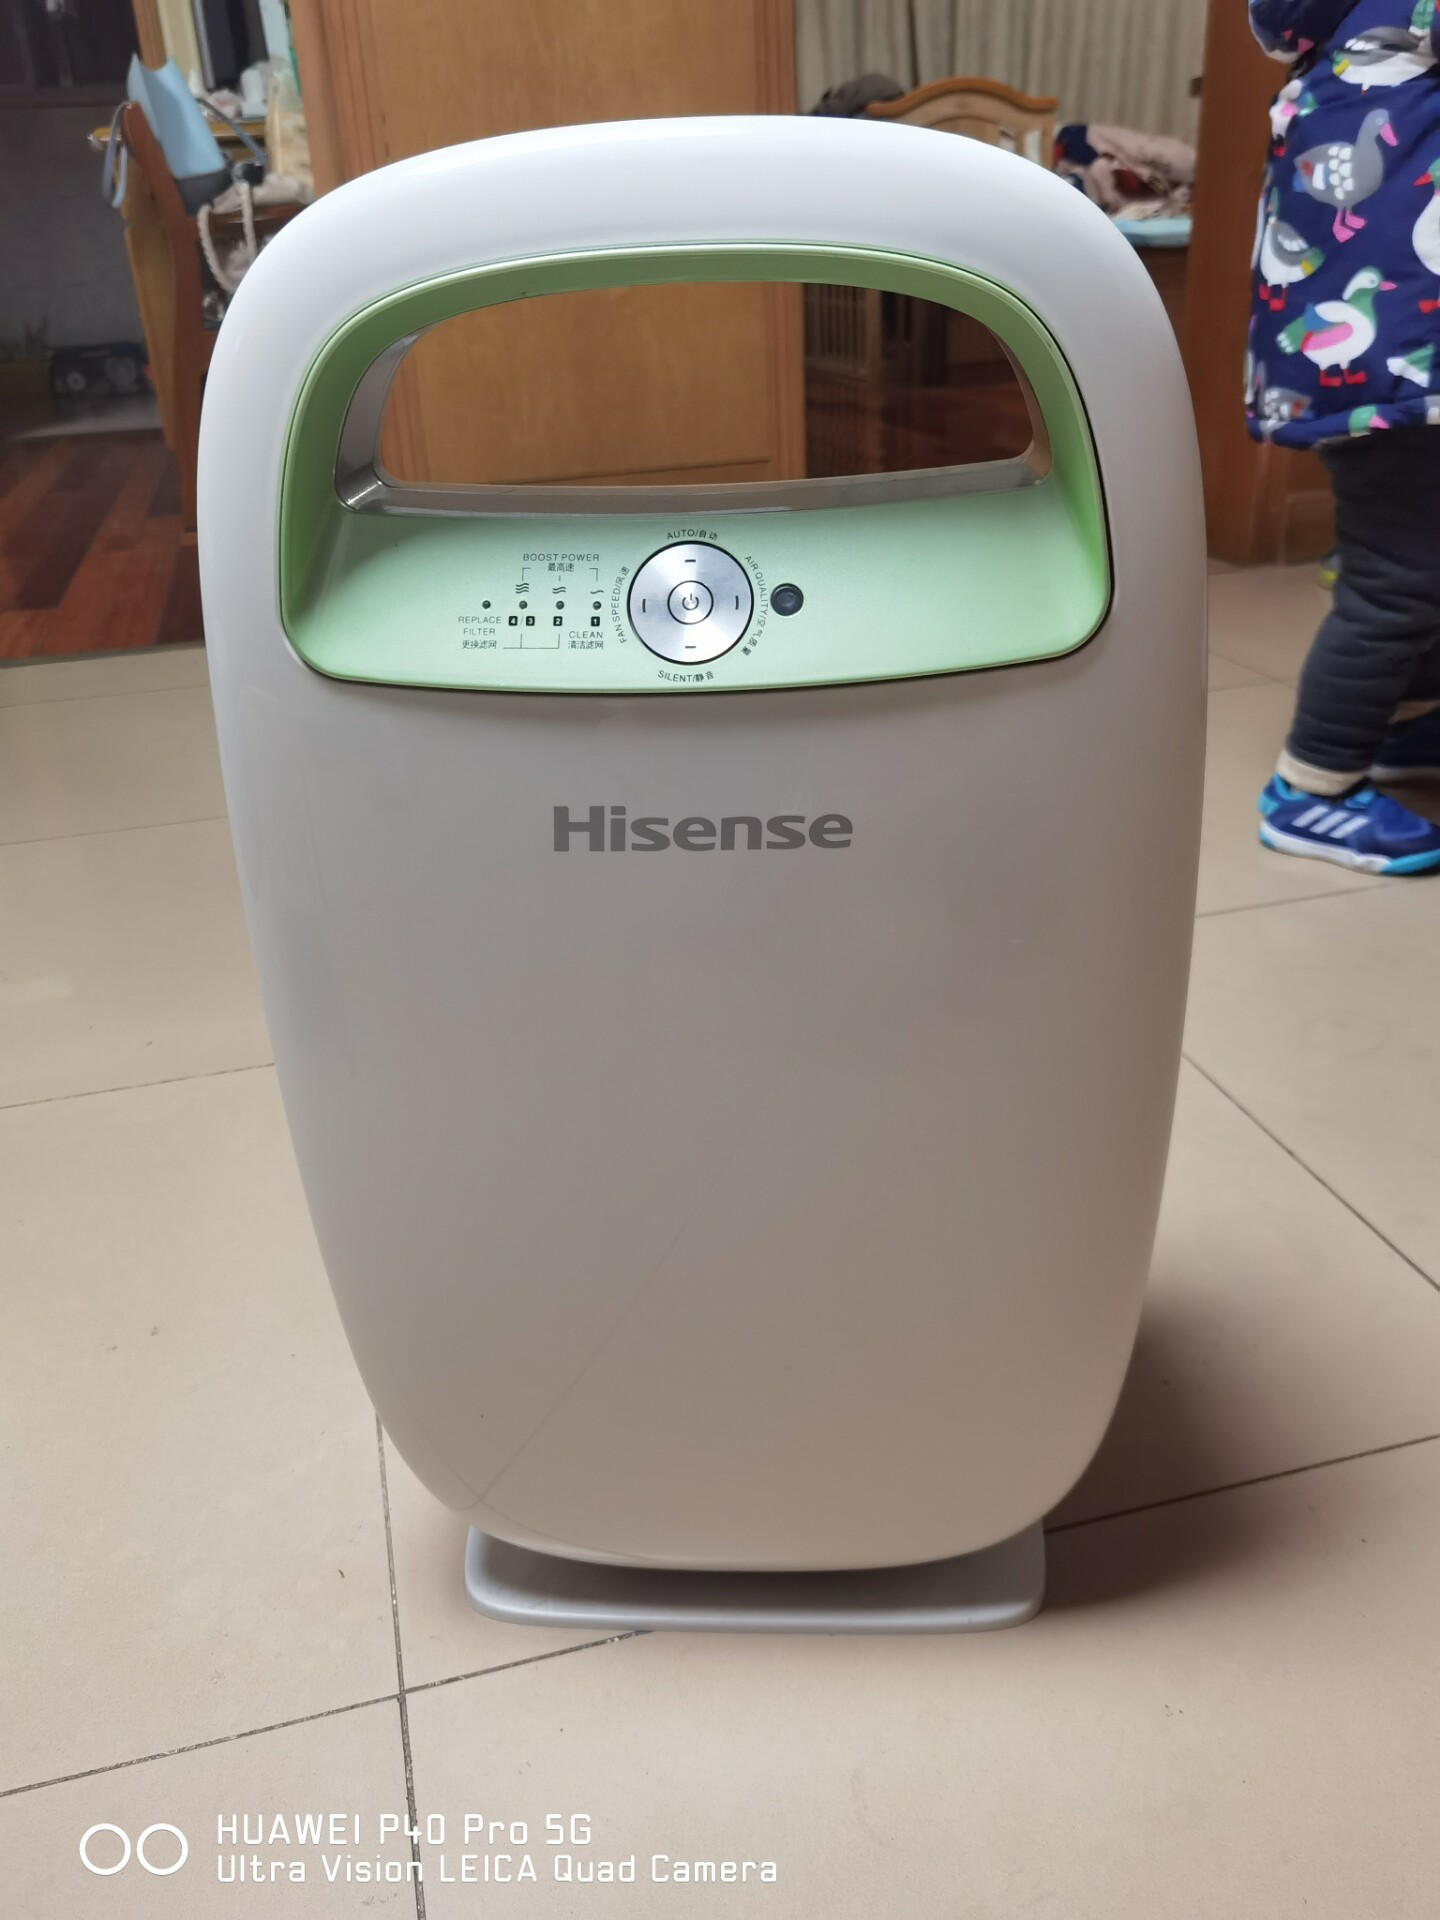 海信空气净化器,基本没有用过,成色很新。